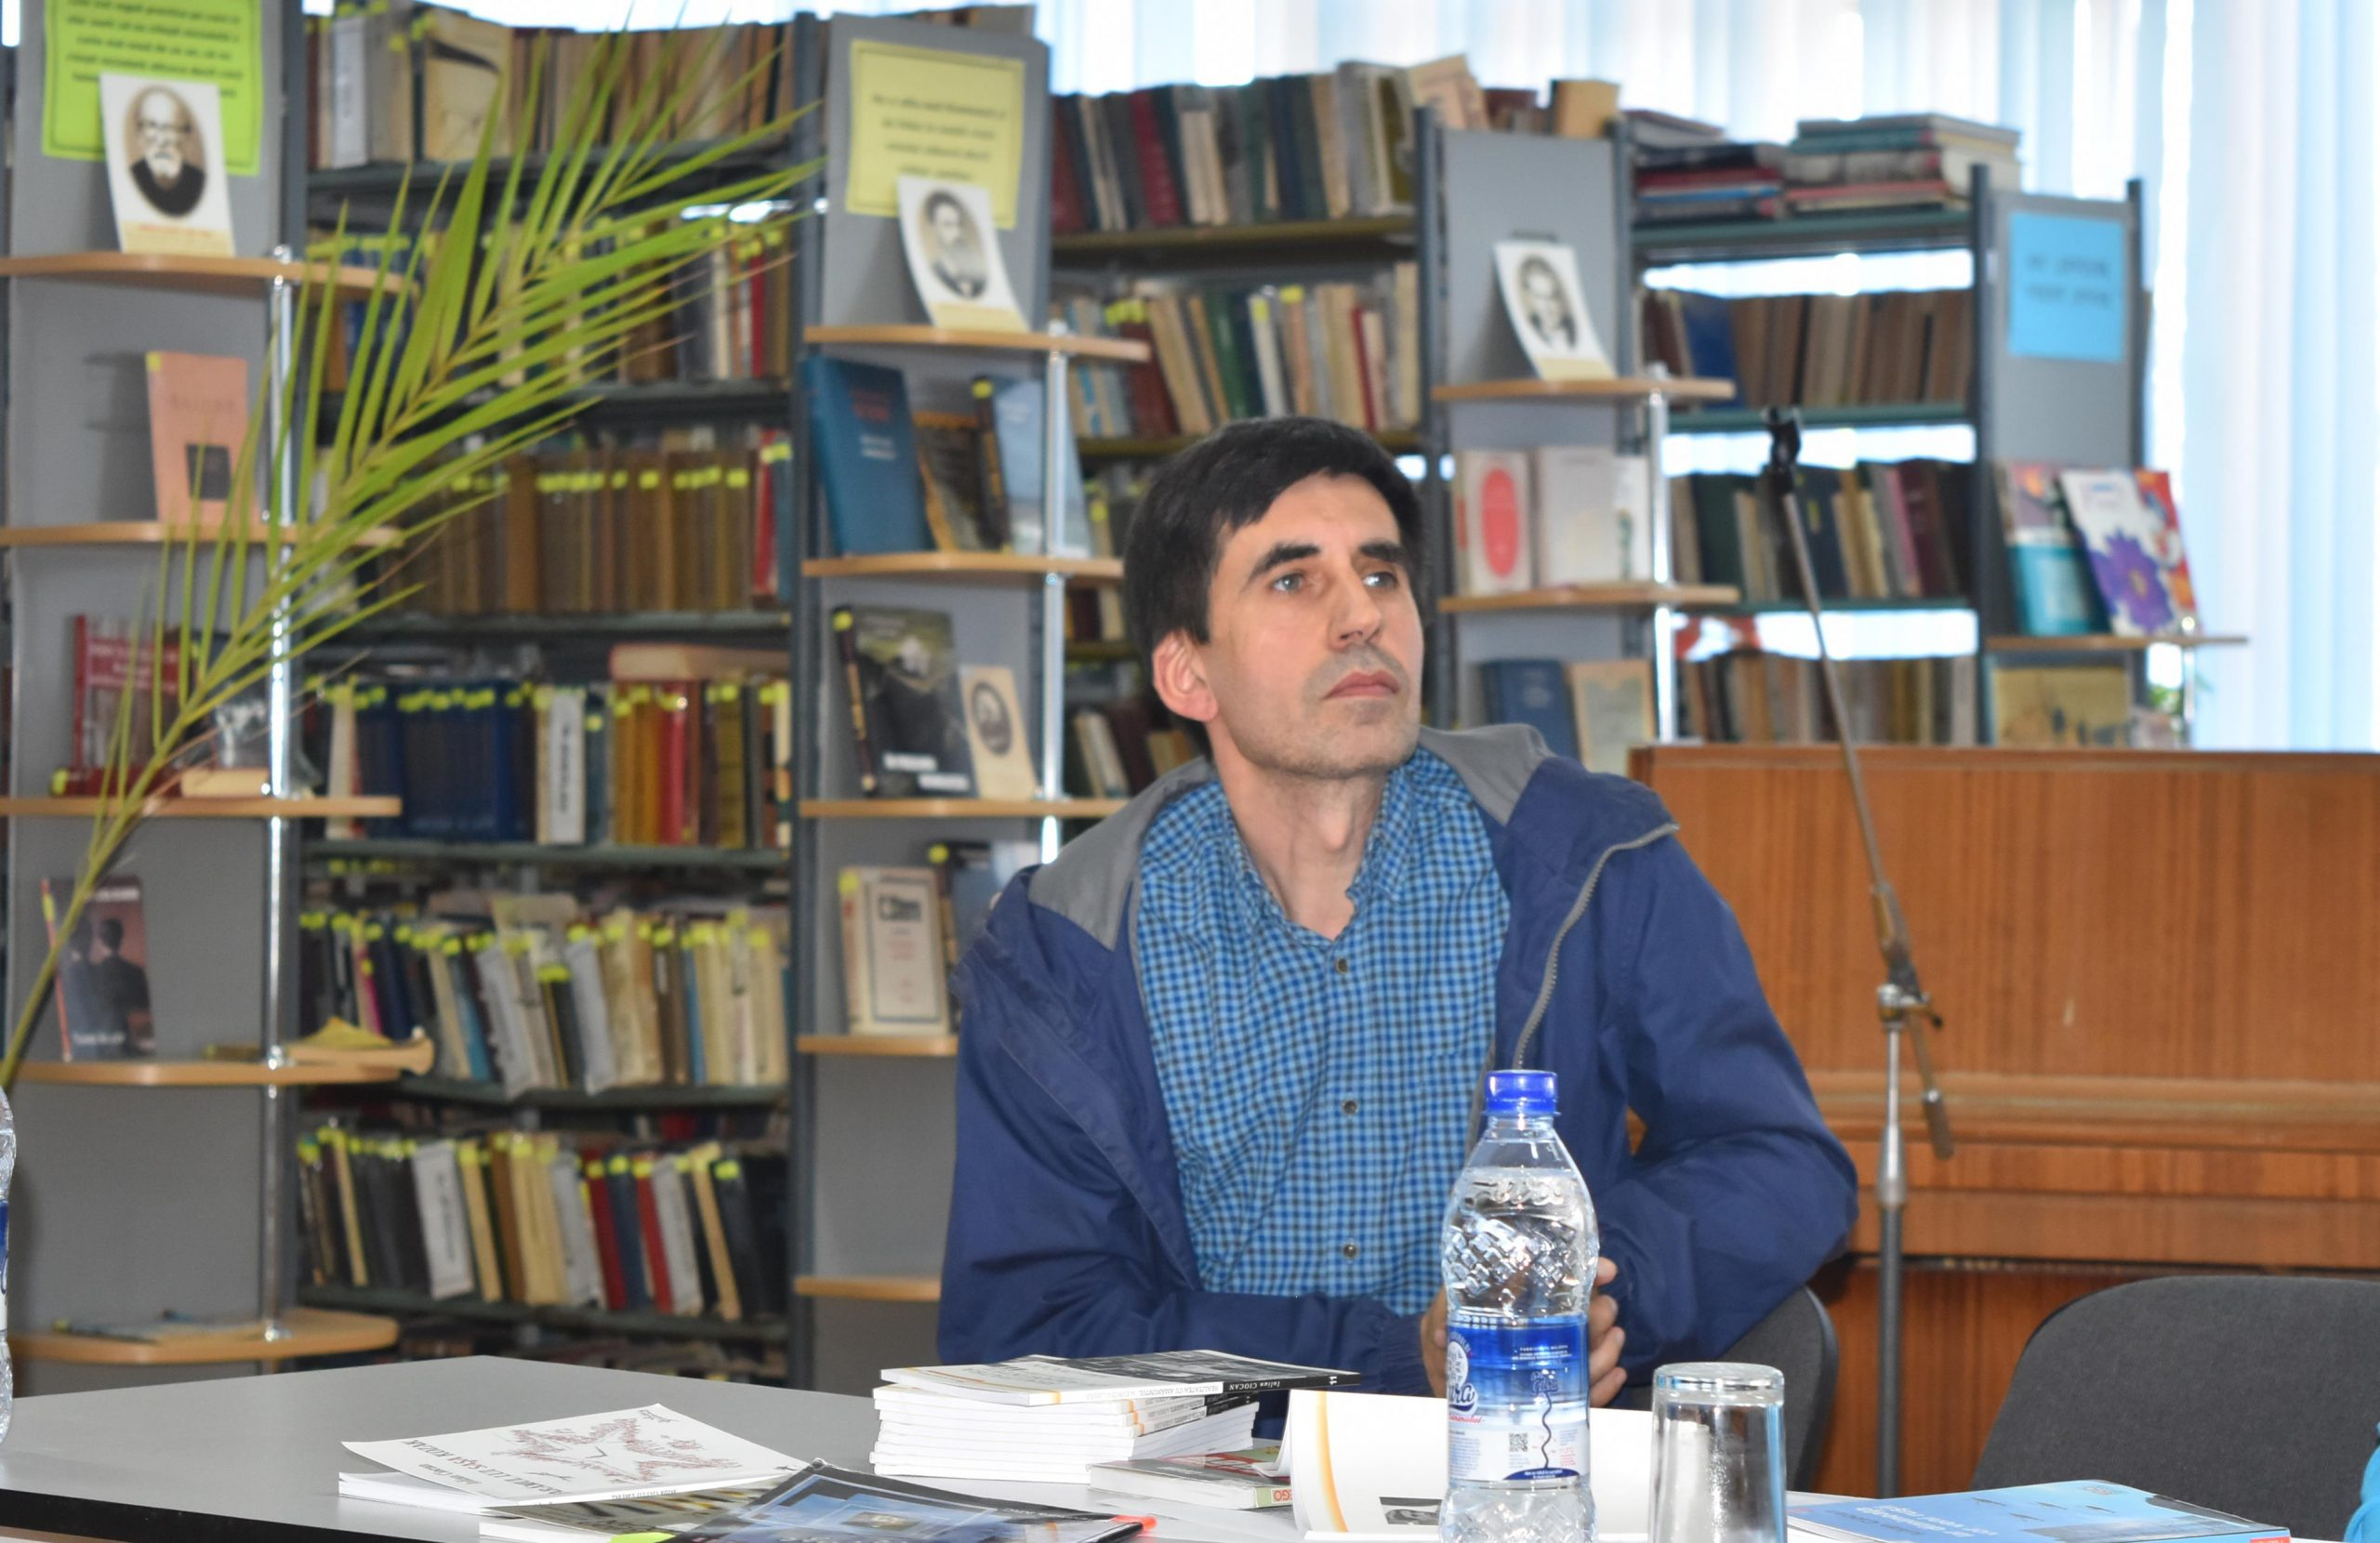 """Iulian Ciocan la Biblioteca """"Dimitrie Cantemir"""" din Ungheni"""